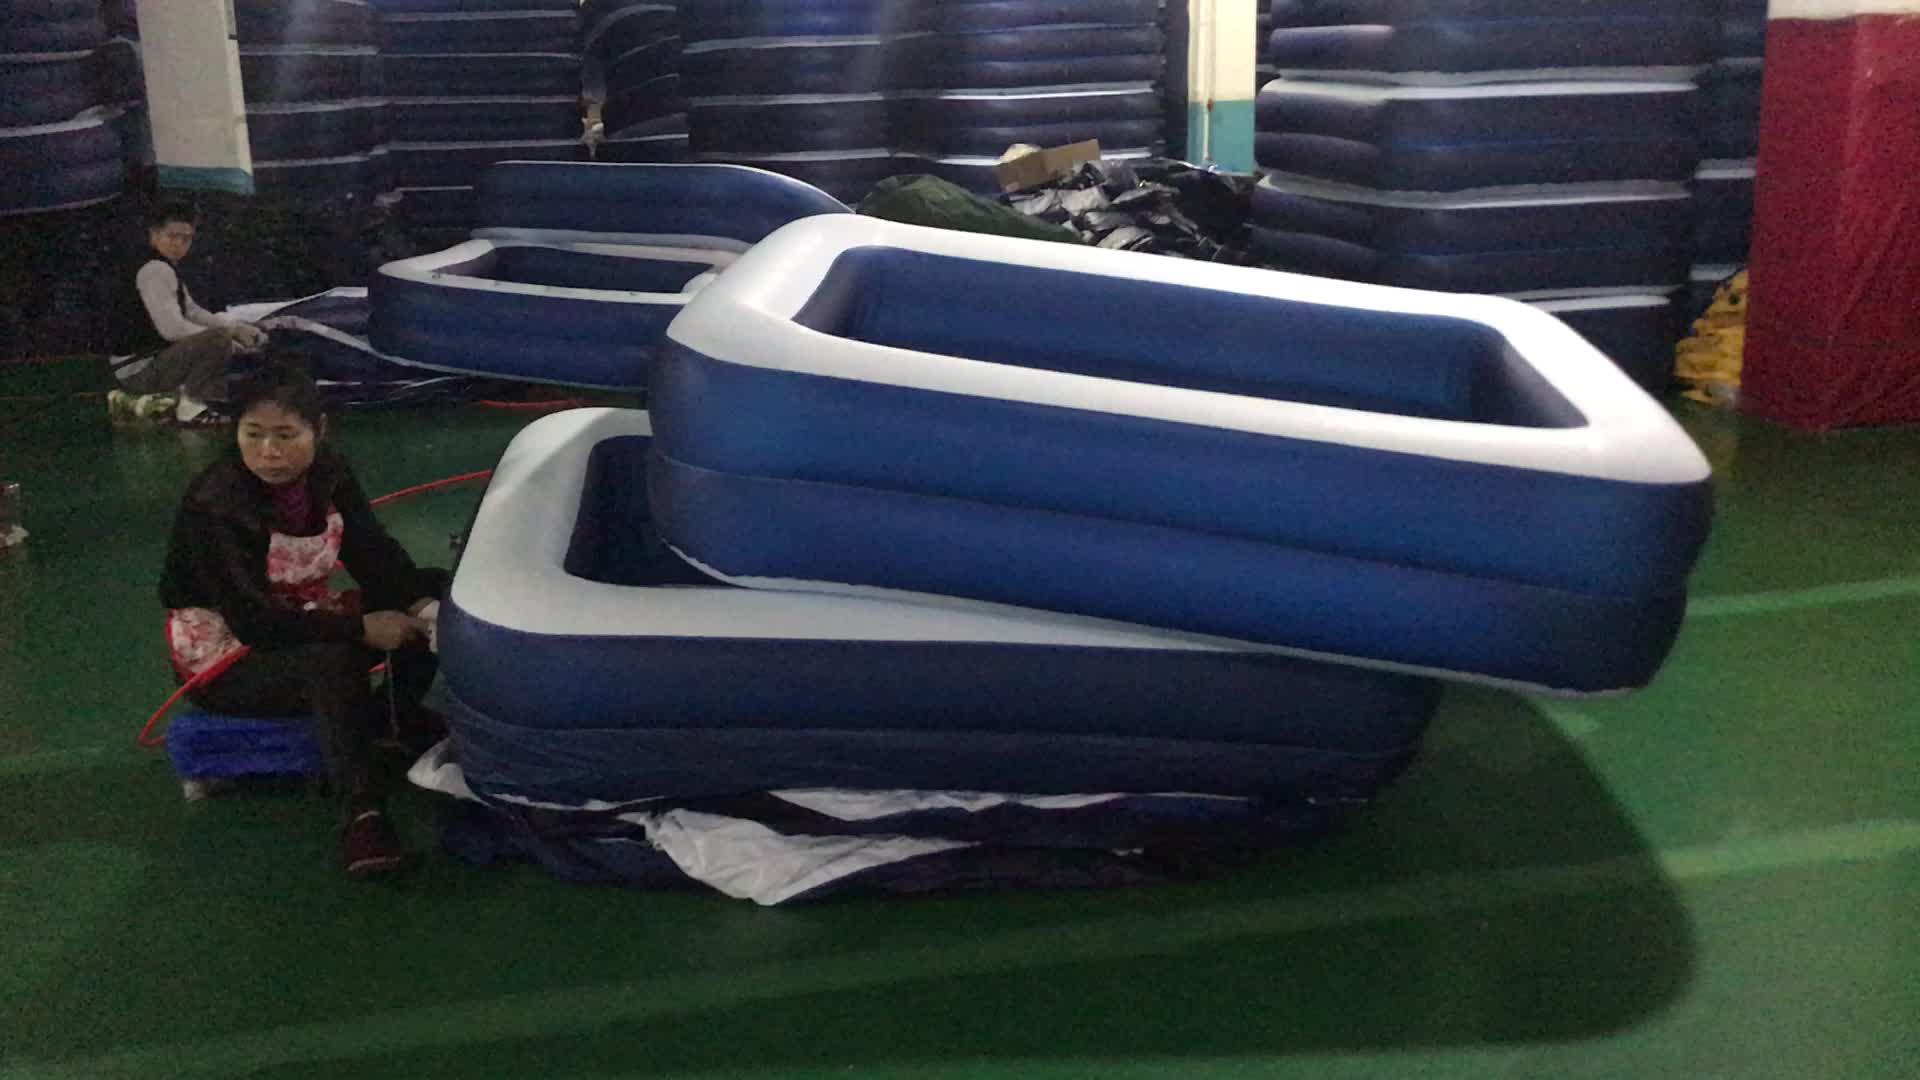 Umweltfreundliche hochfestem kunststoff aufblasbaren badewanne für erwachsene klapp bewegliche aufblasbare whirlpool